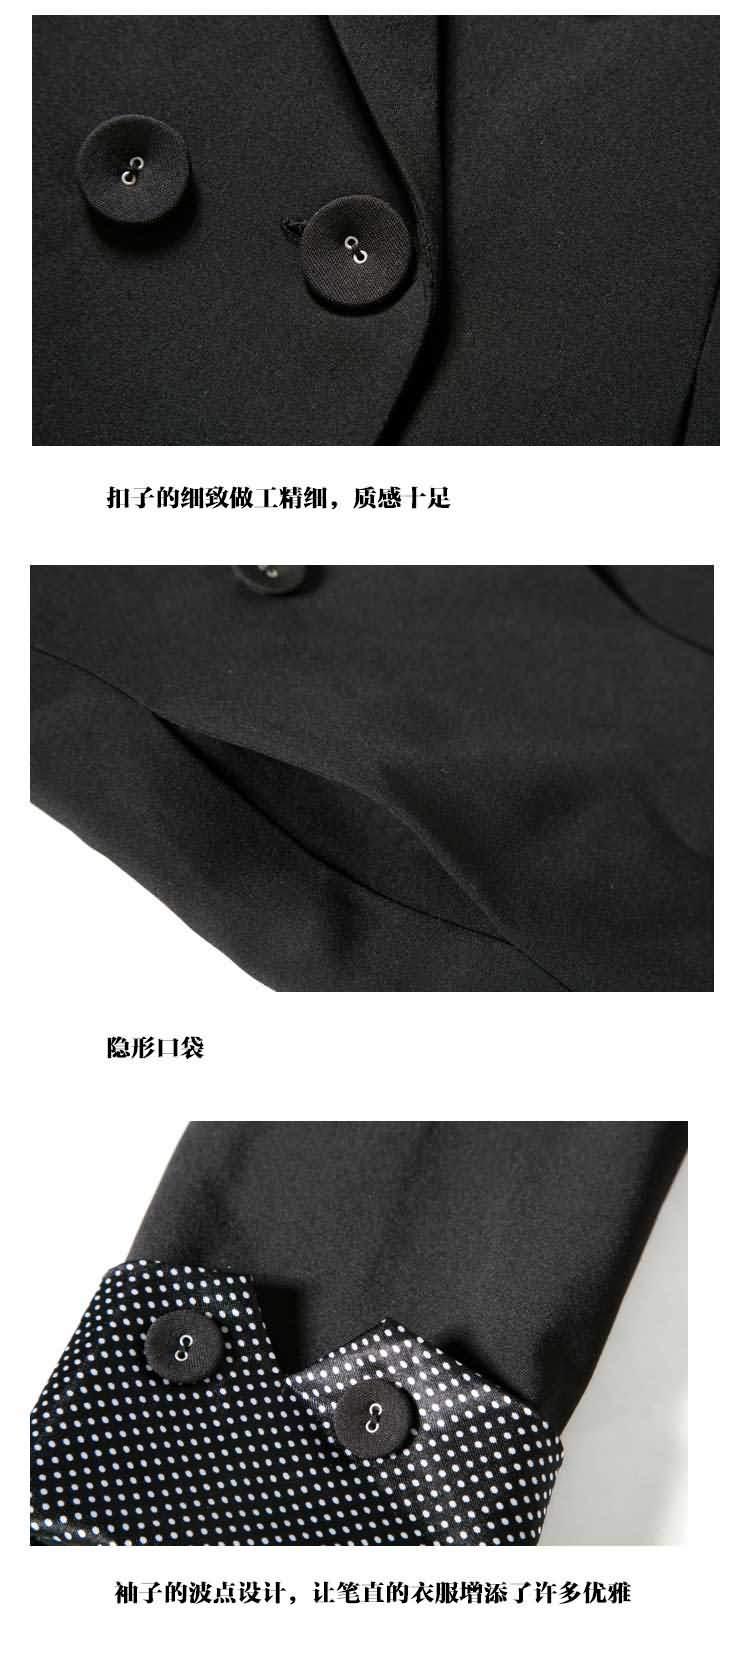 黑色女式职业装小西服细节图